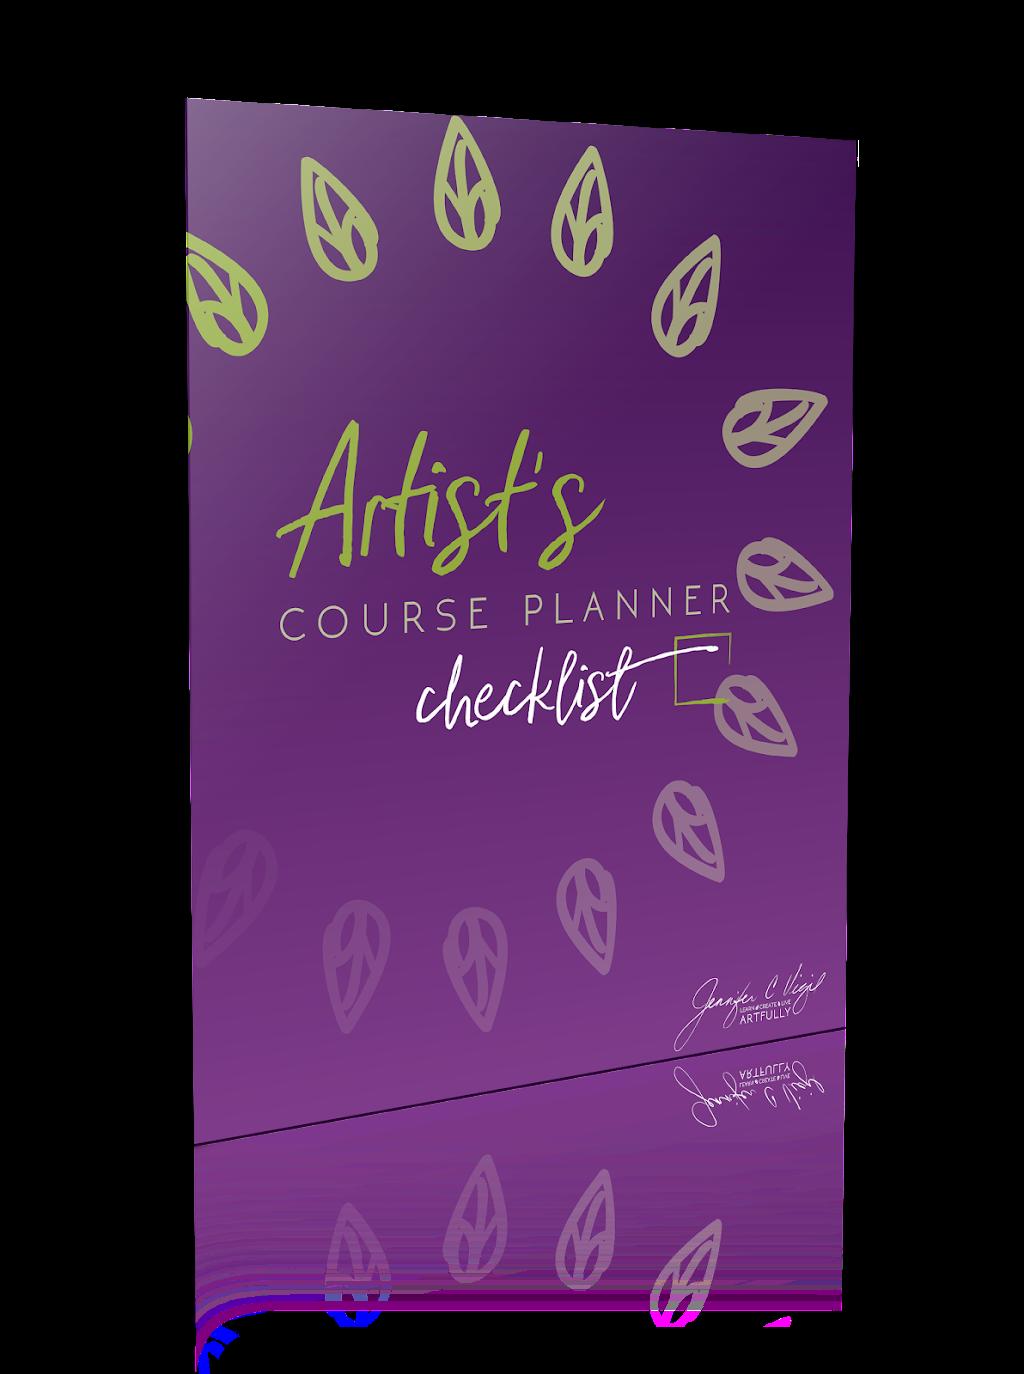 Artist's Course Planner Checklist